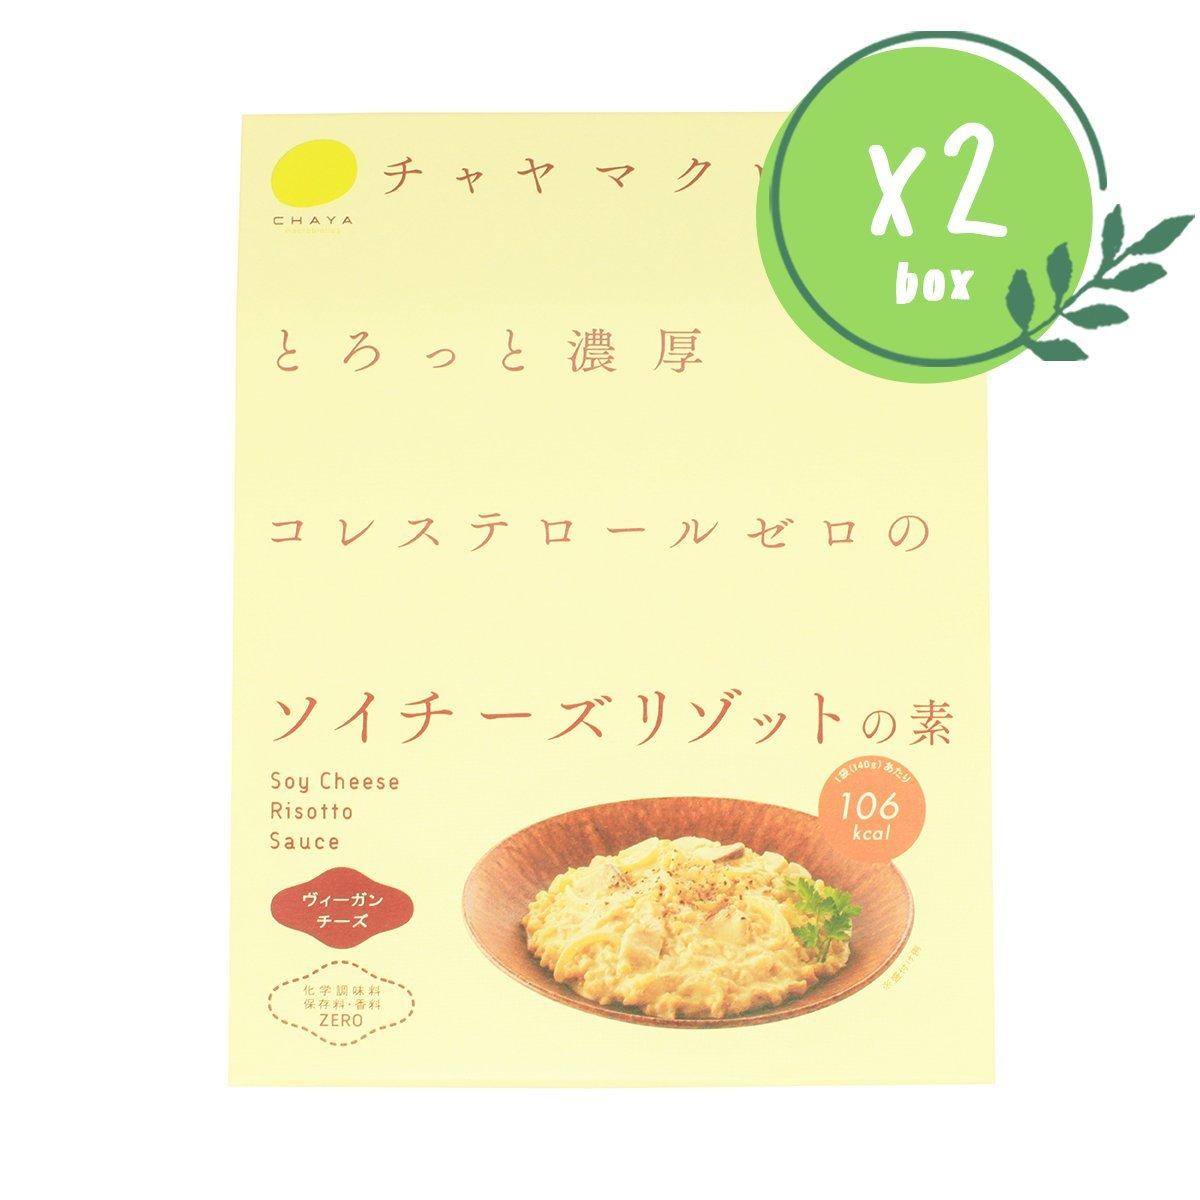 無麩質大豆芝士醬 x 2 盒 (無蛋奶, 無麩質)